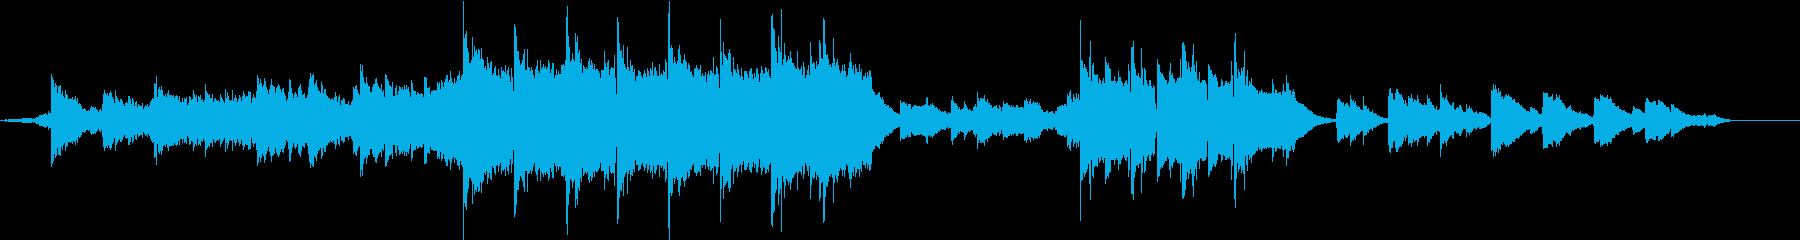 ヒンヤリとした幻想的なチルアウトの再生済みの波形